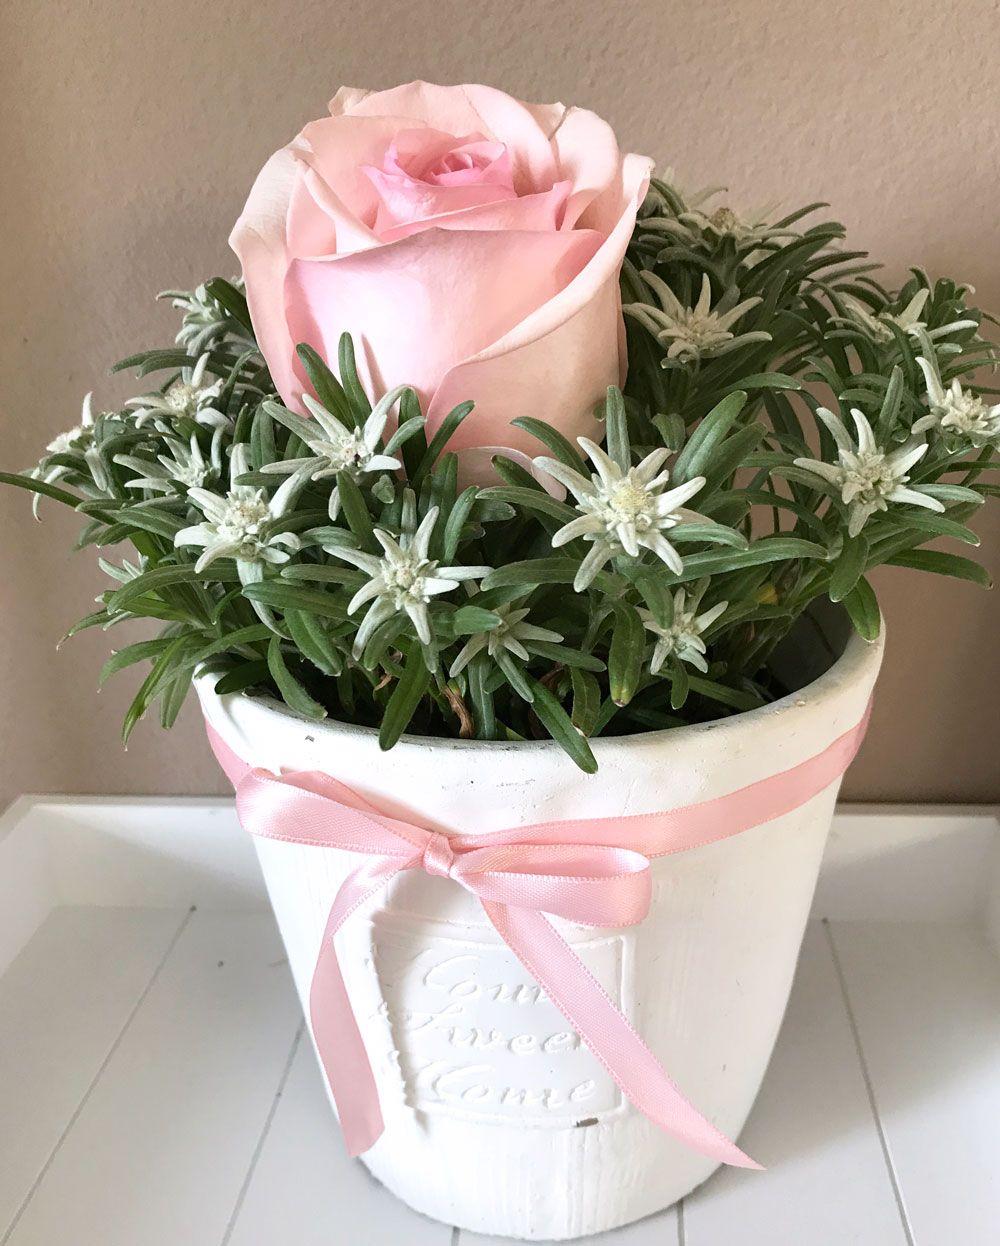 Geschenk Idee Alpen Edelweiss Blumenliebe Pinterest Edelweiss